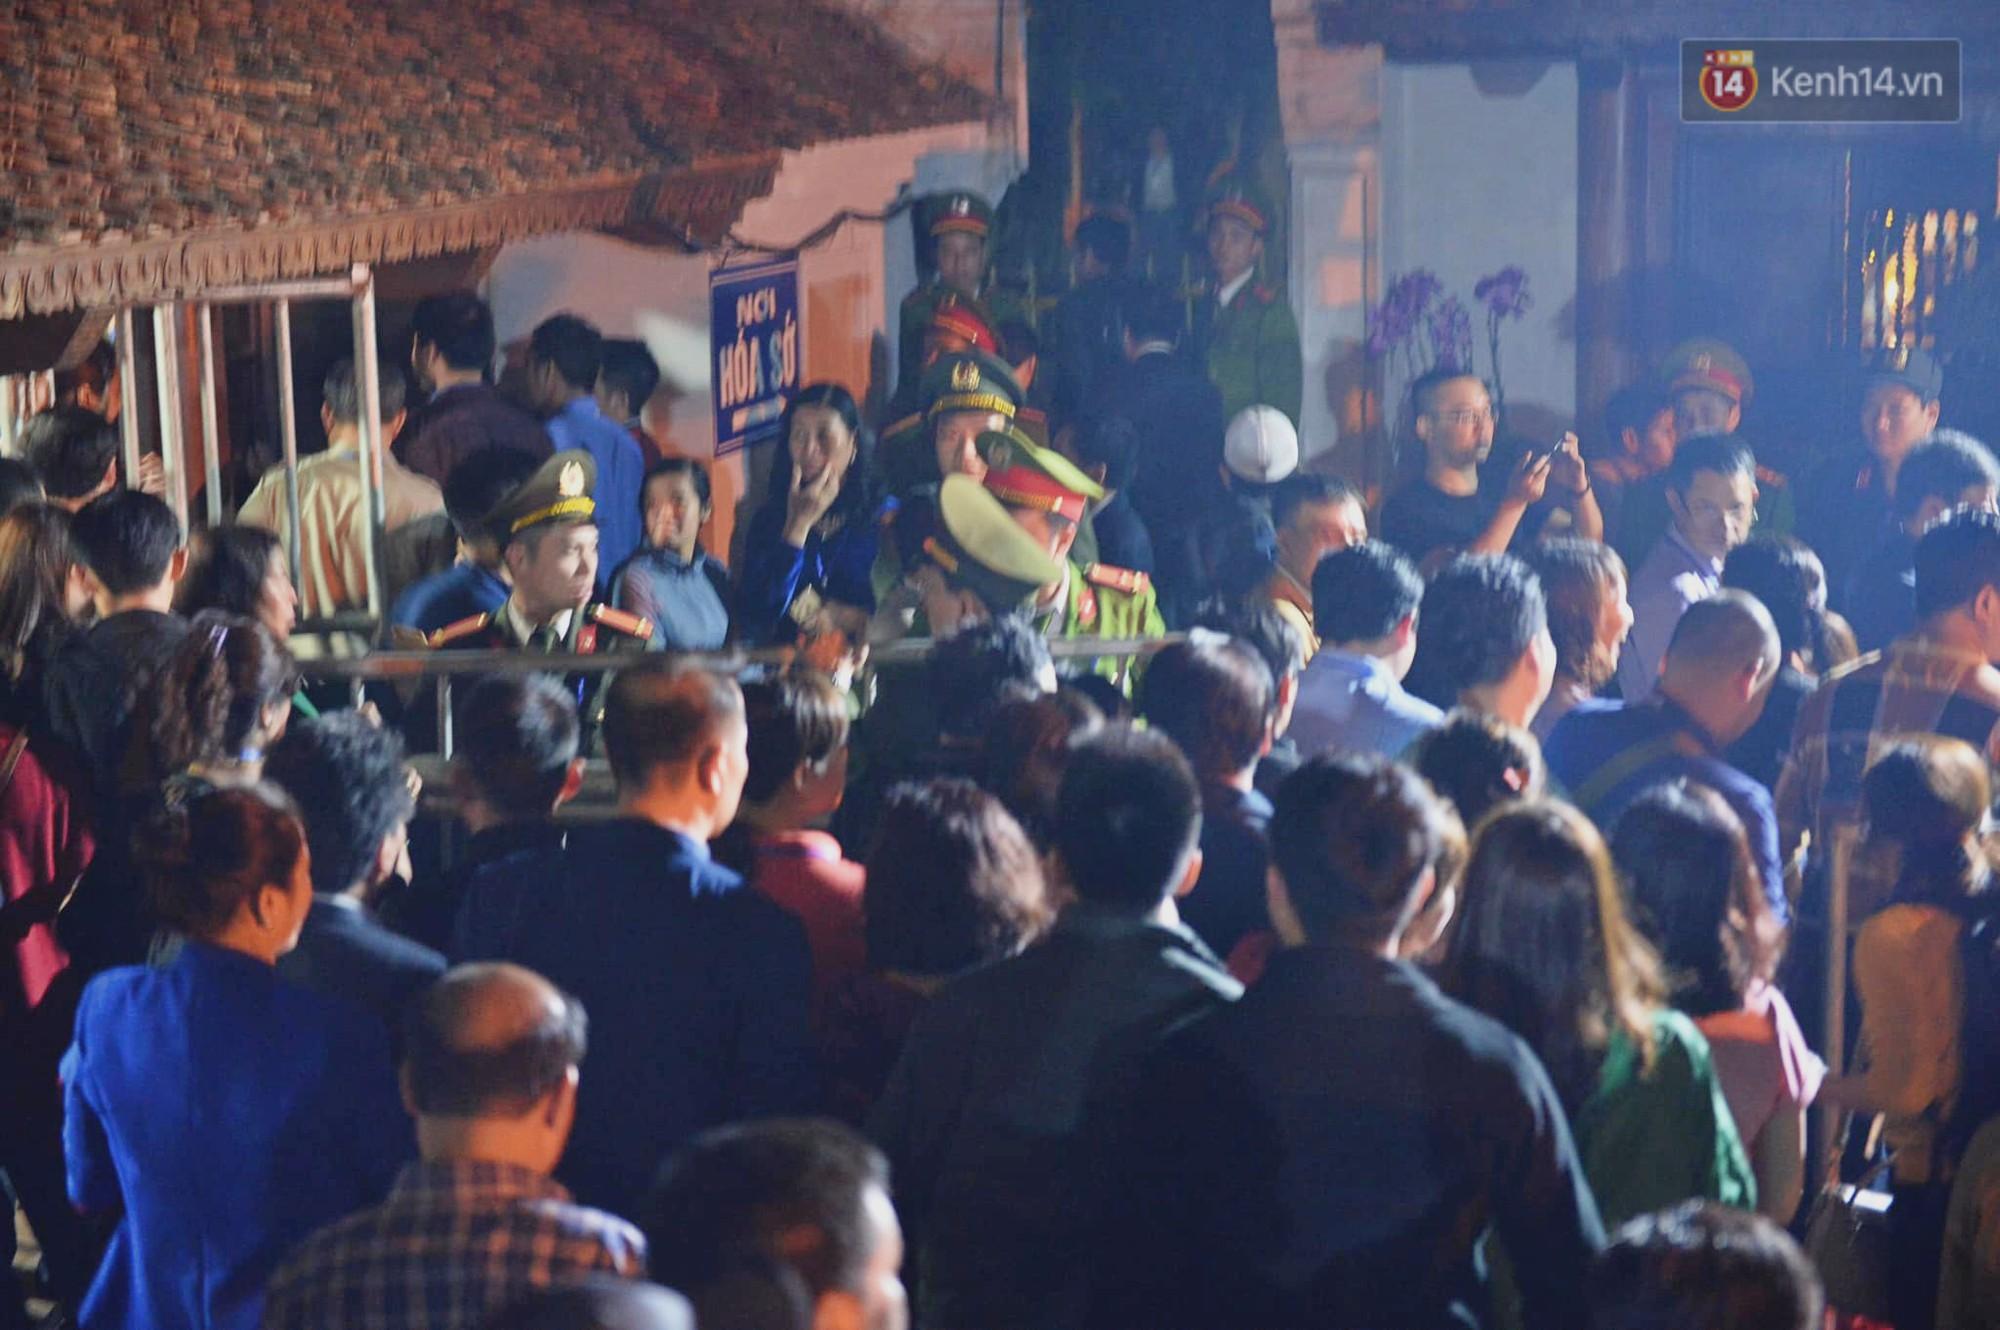 Người dân ném tiền vào kiệu ấn trước giờ khai hội tại Đền Trần - Ảnh 10.